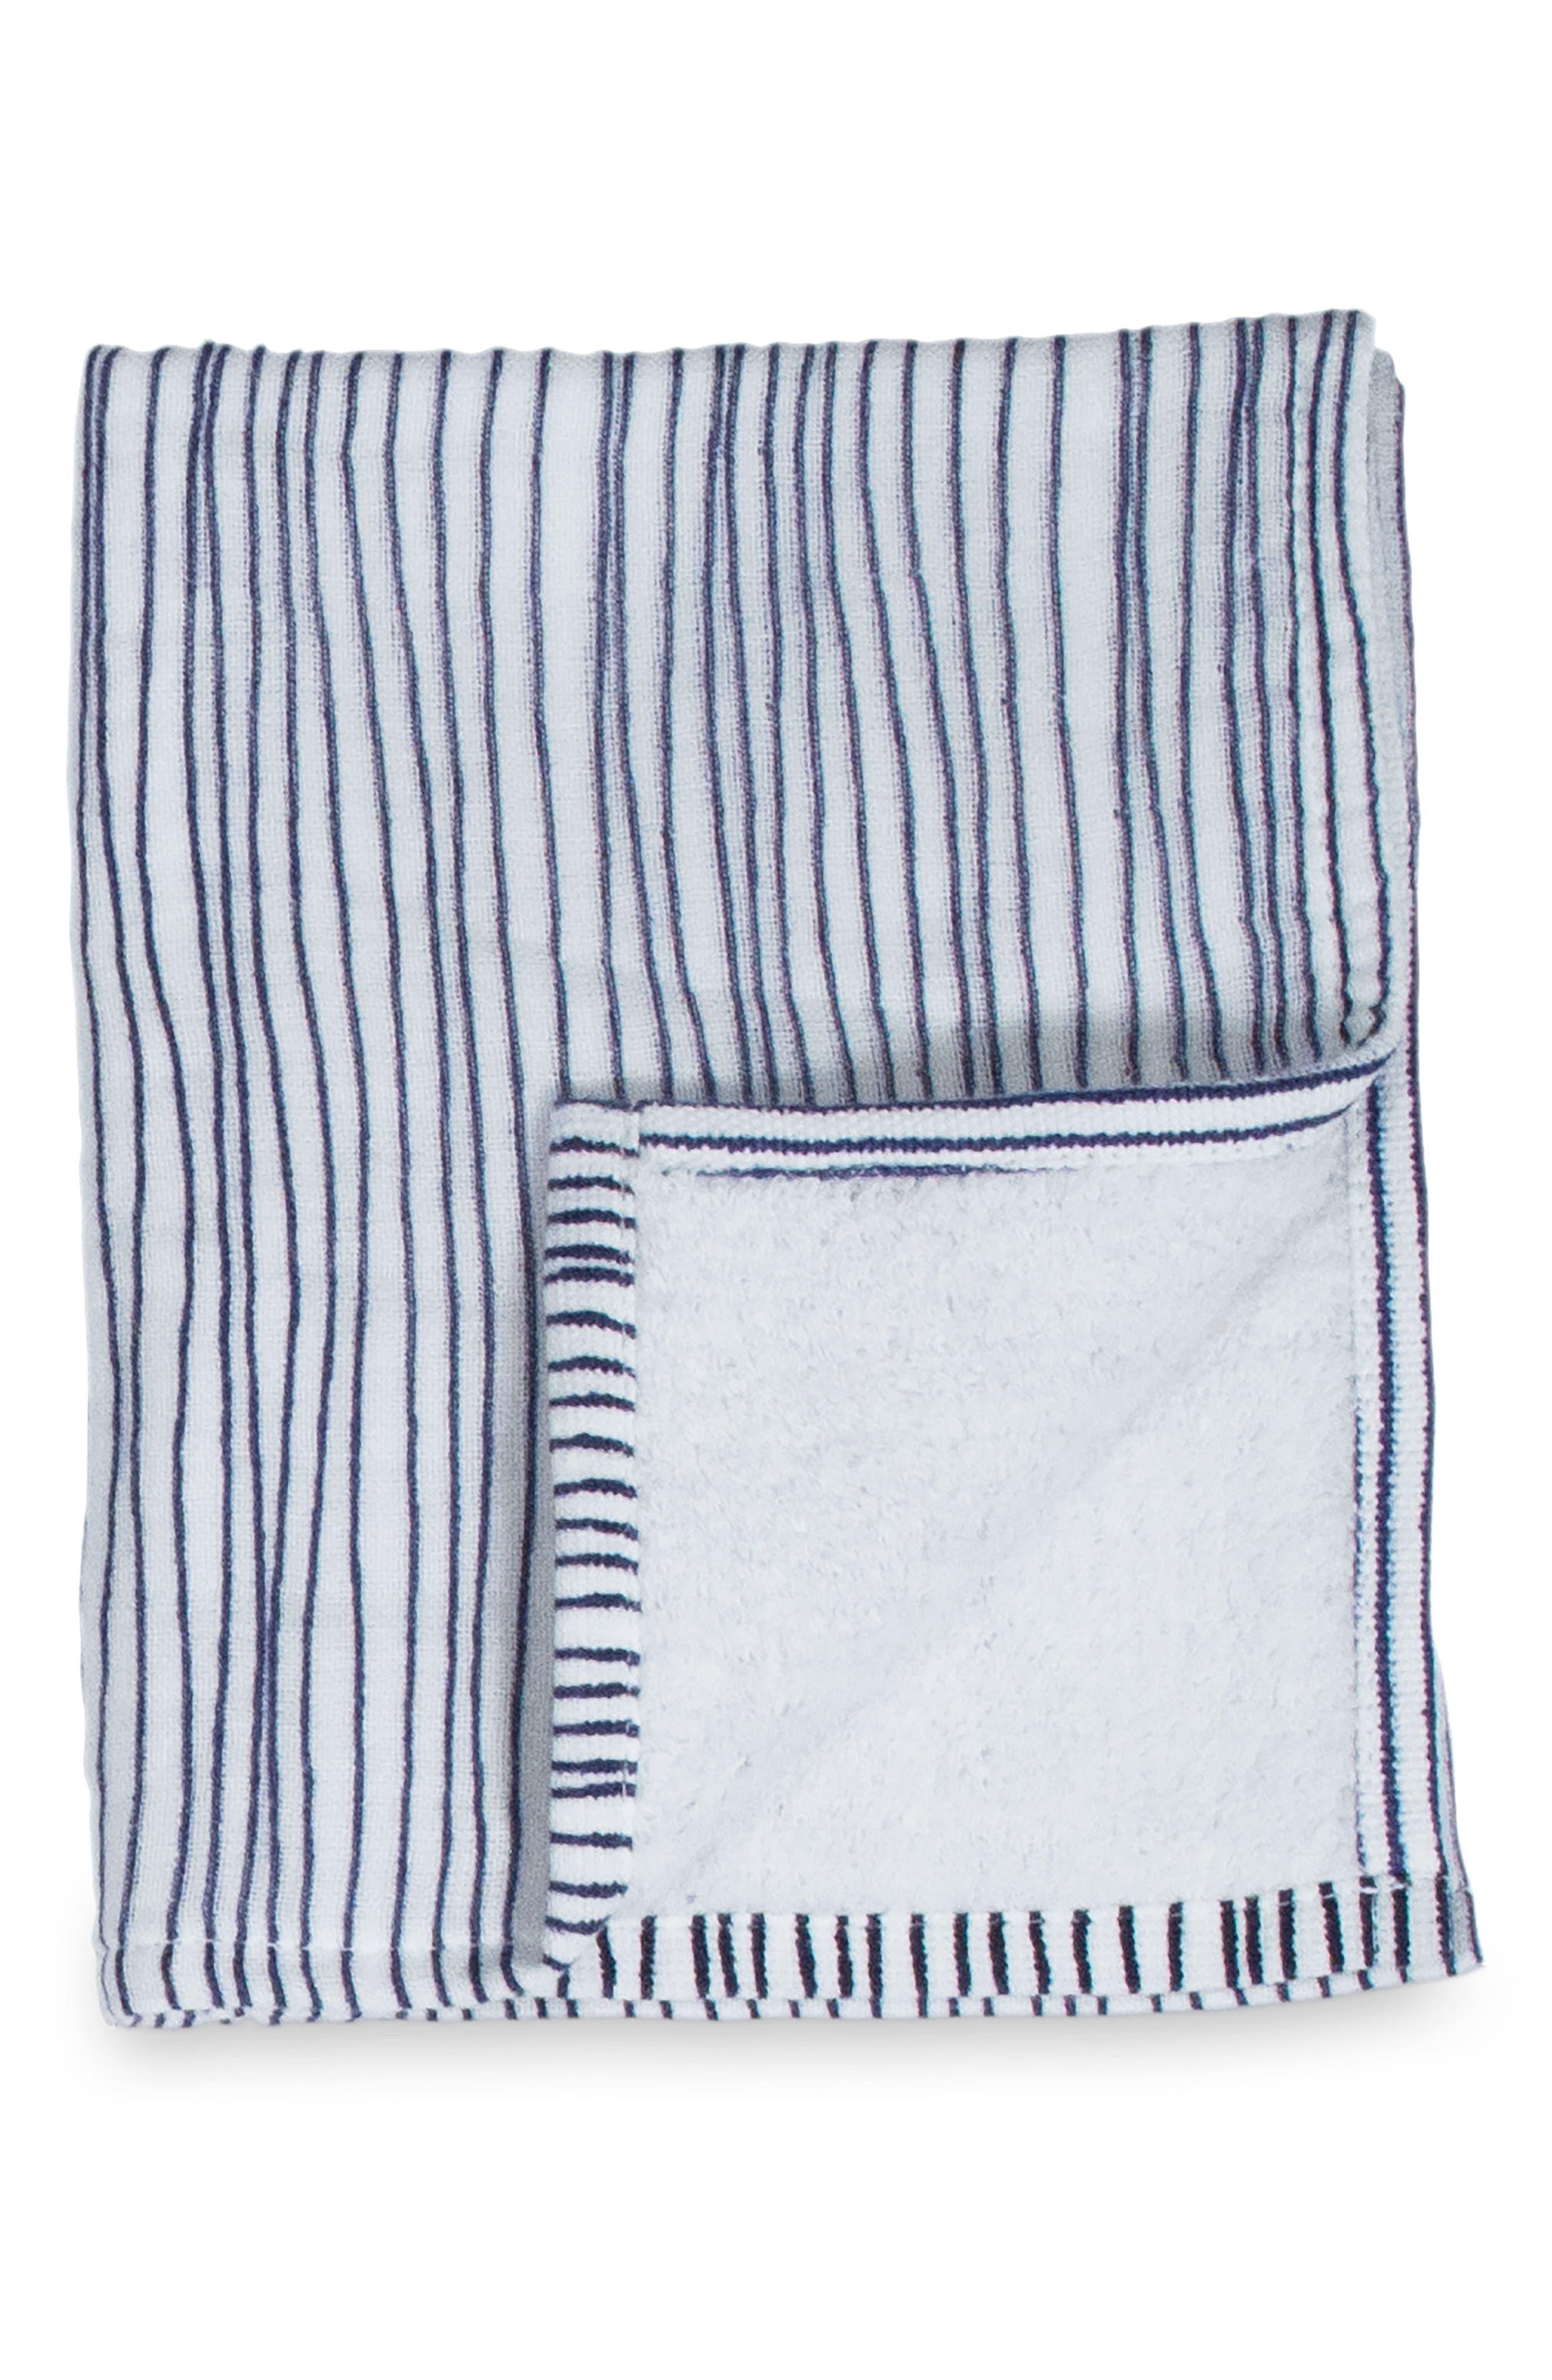 Alternate Image 1 Selected - Uchino Zero Twist Stripe Hand & Hair Towel